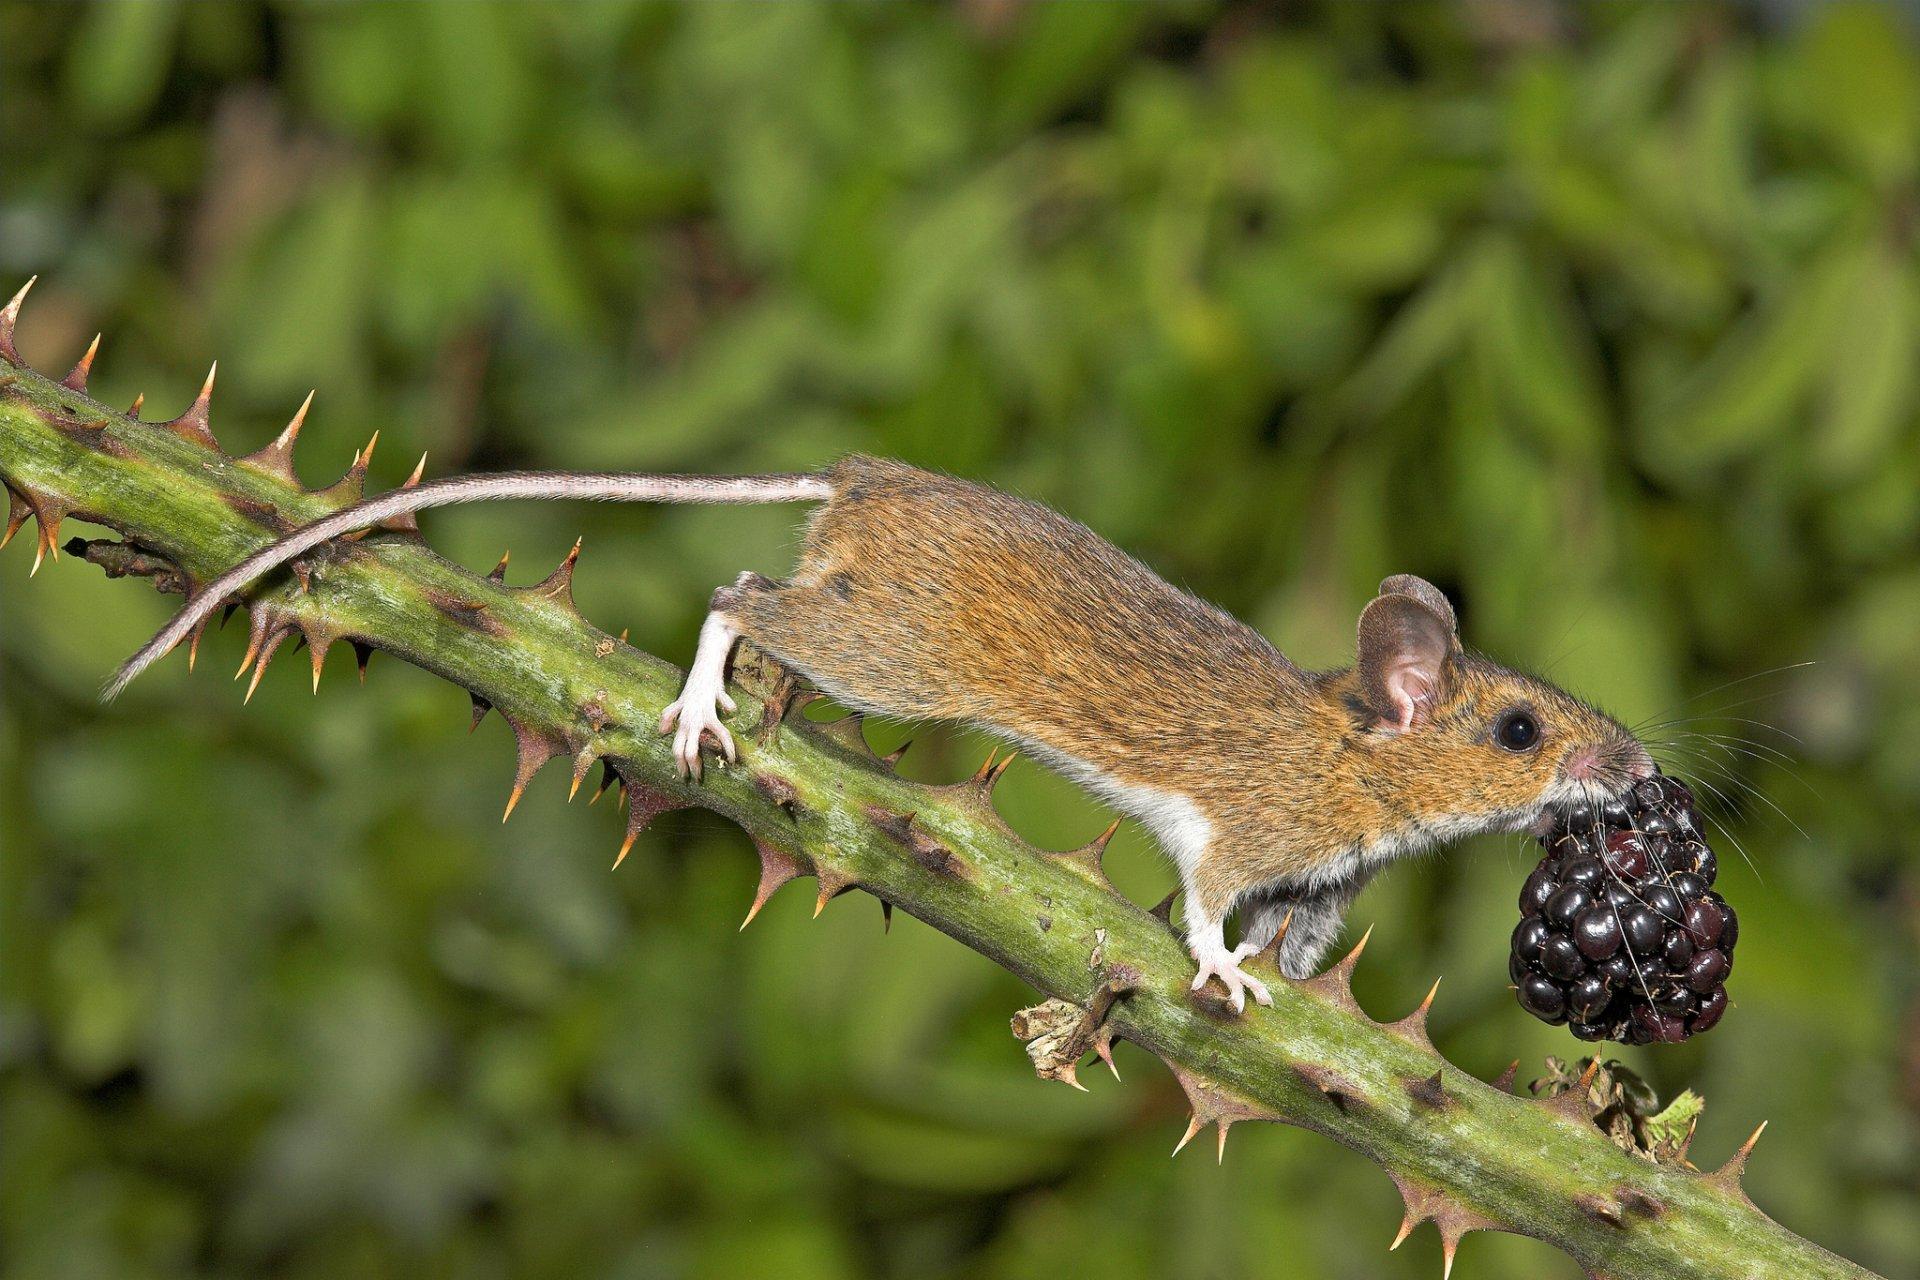 дикие животные поедающие плоды фото колонку